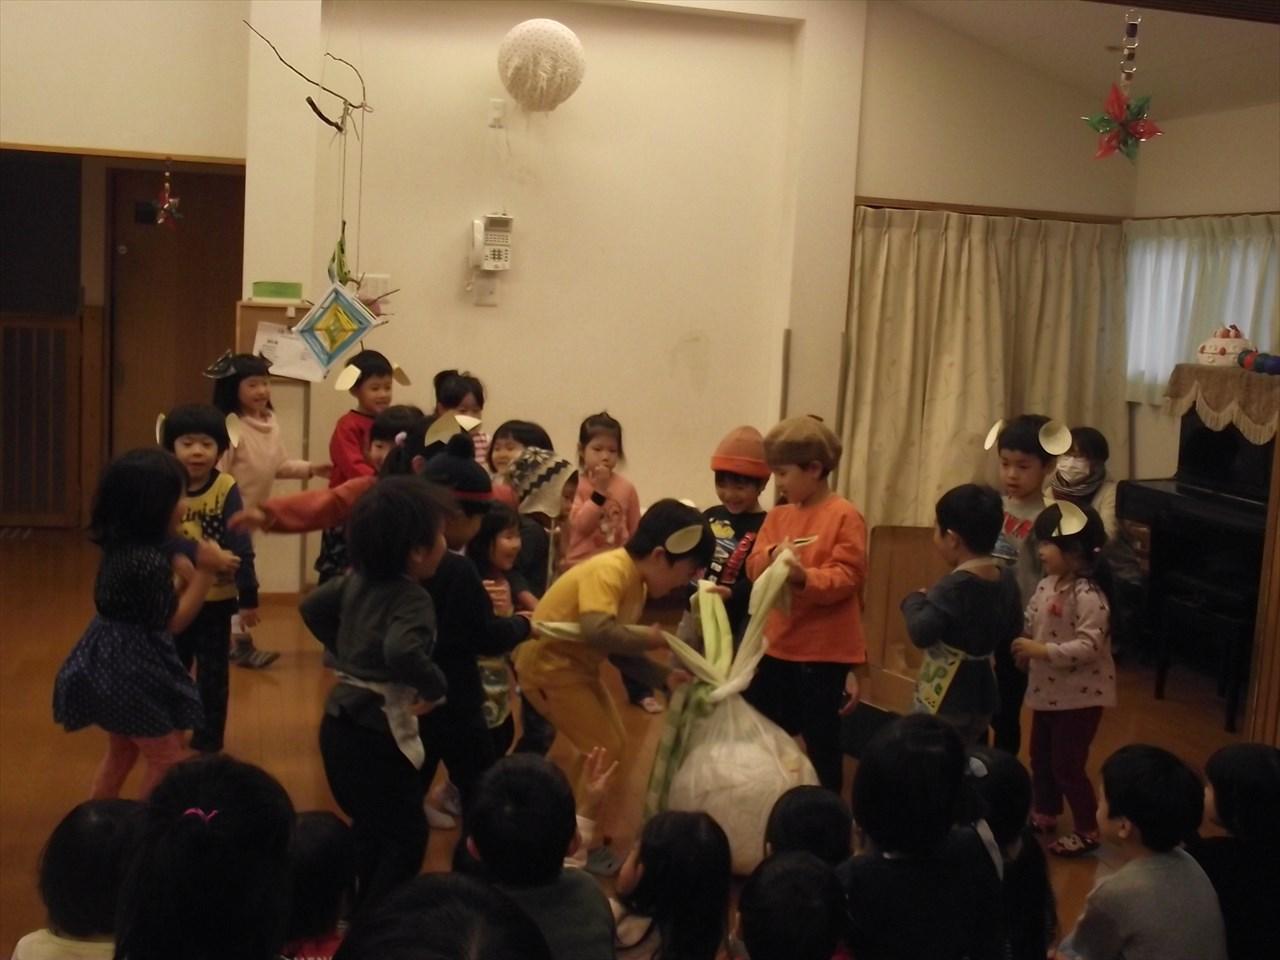 にじグループはおおきなかぶの劇ごっこを披露。